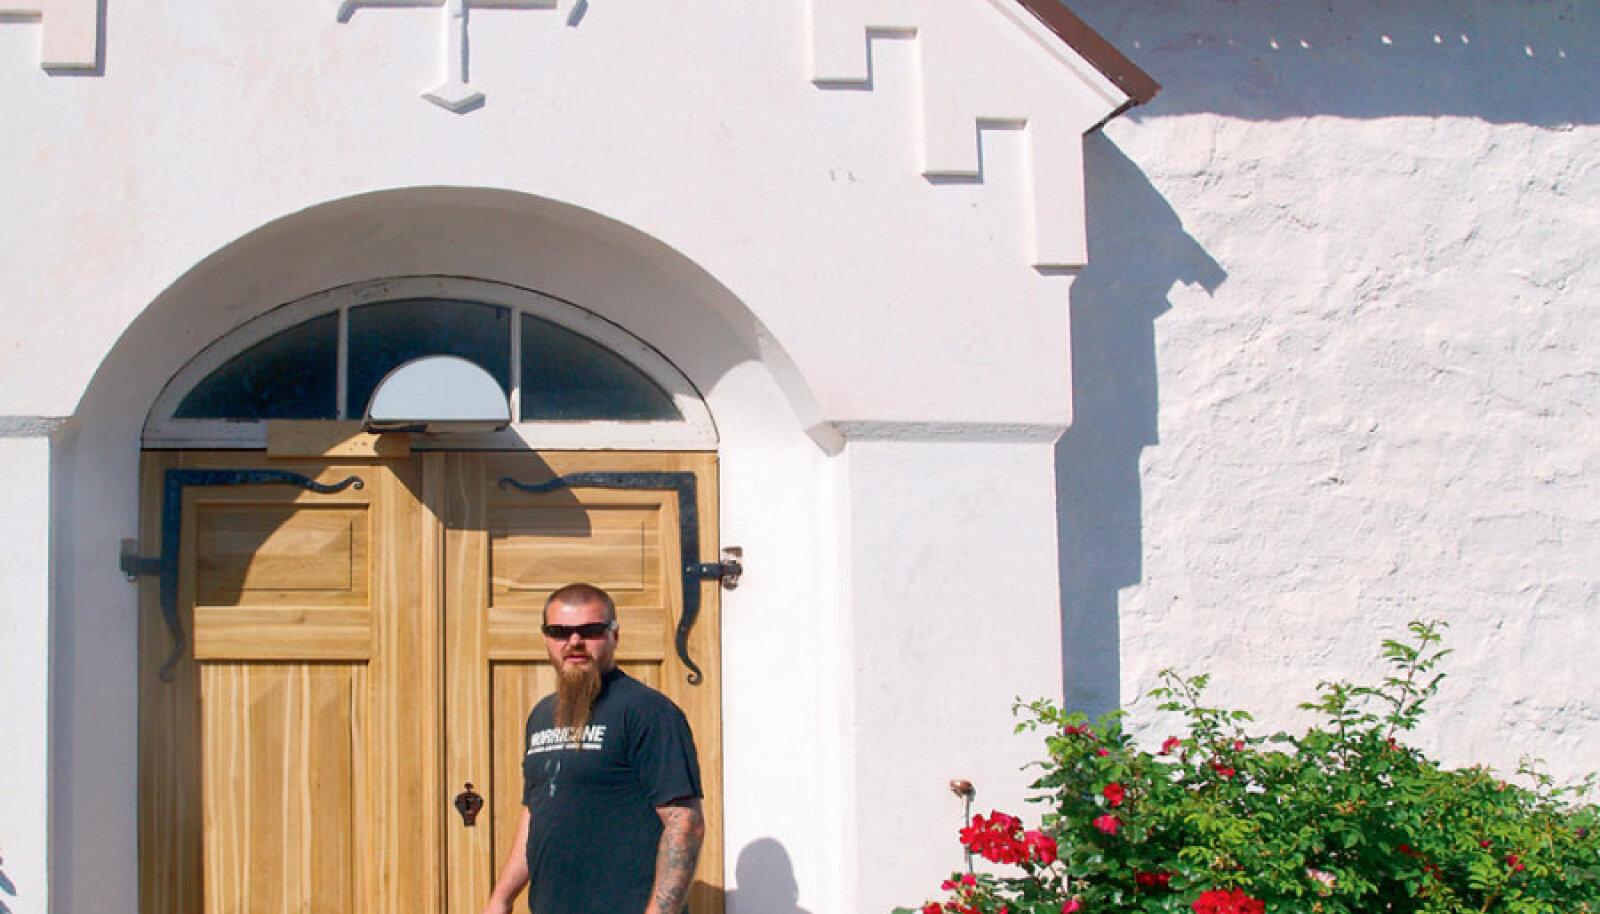 Jüri Evert sepistas Kökari kirikule uued uksehinged ning restaureeris sepistatud ukselukud. Nüüd on ta tellimusi saanud teistestki Ahvenamaa kirikutest.